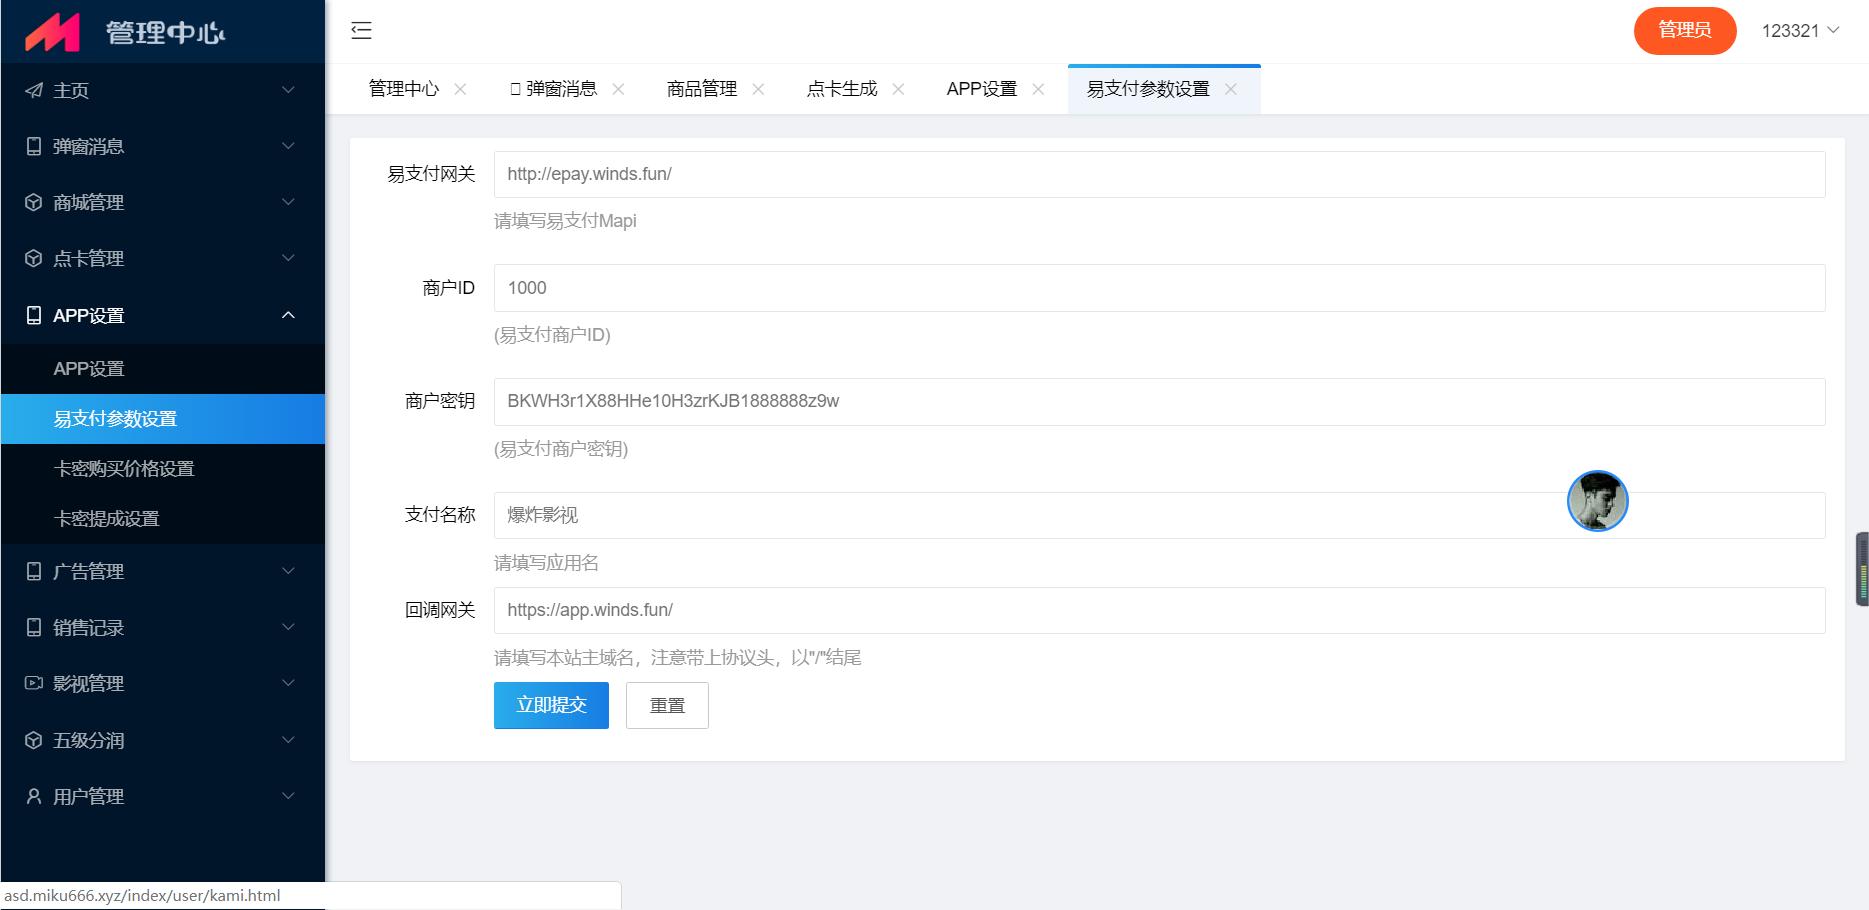 最新版千月双端源码8.13解密版本